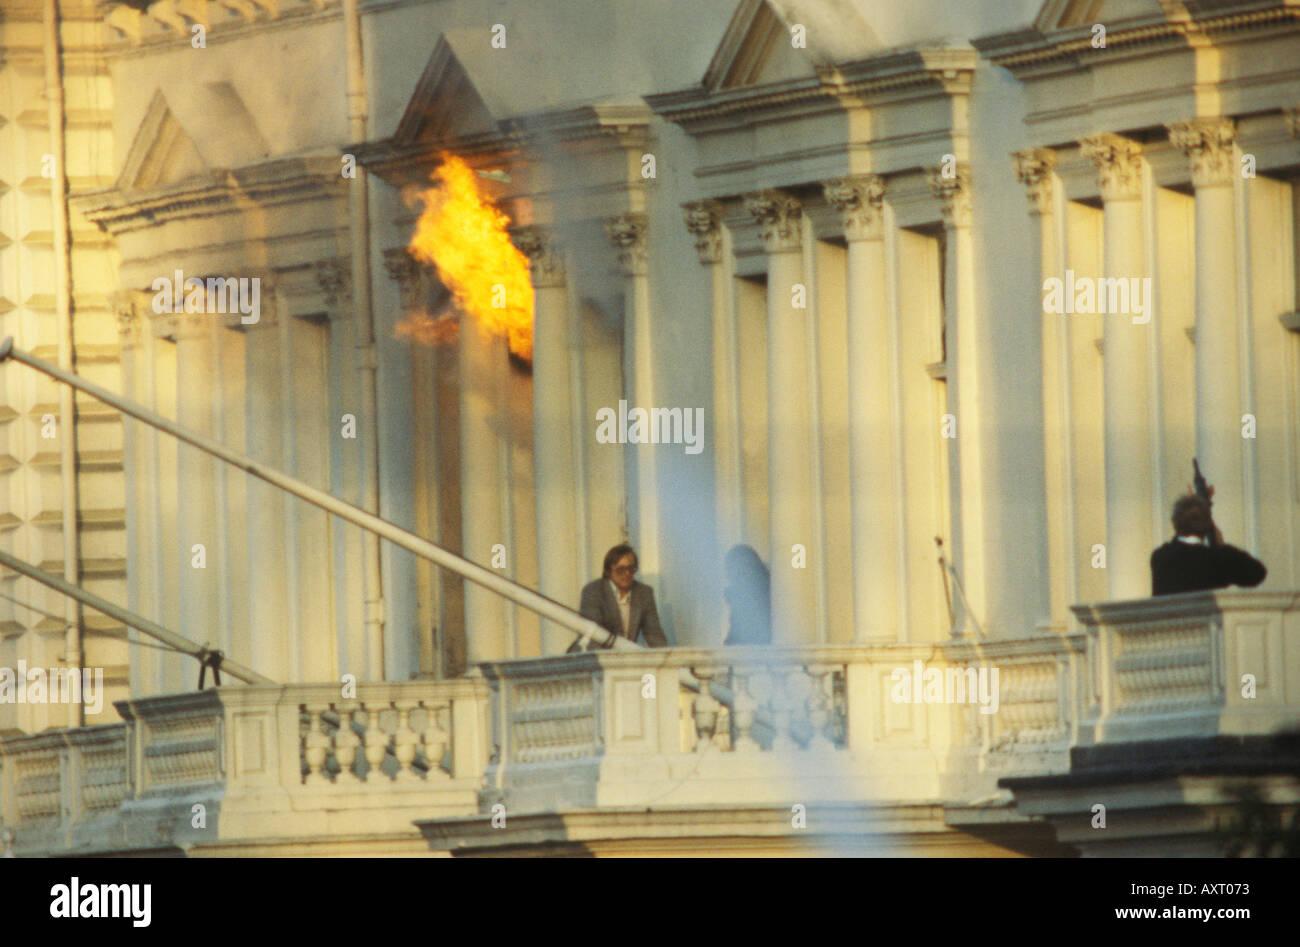 Siège de l'ambassade iranienne 5 mai 1980 Londres Royaume-Uni 80 Simon Sim Harris s'échappant du bâtiment. ROYAUME Banque D'Images